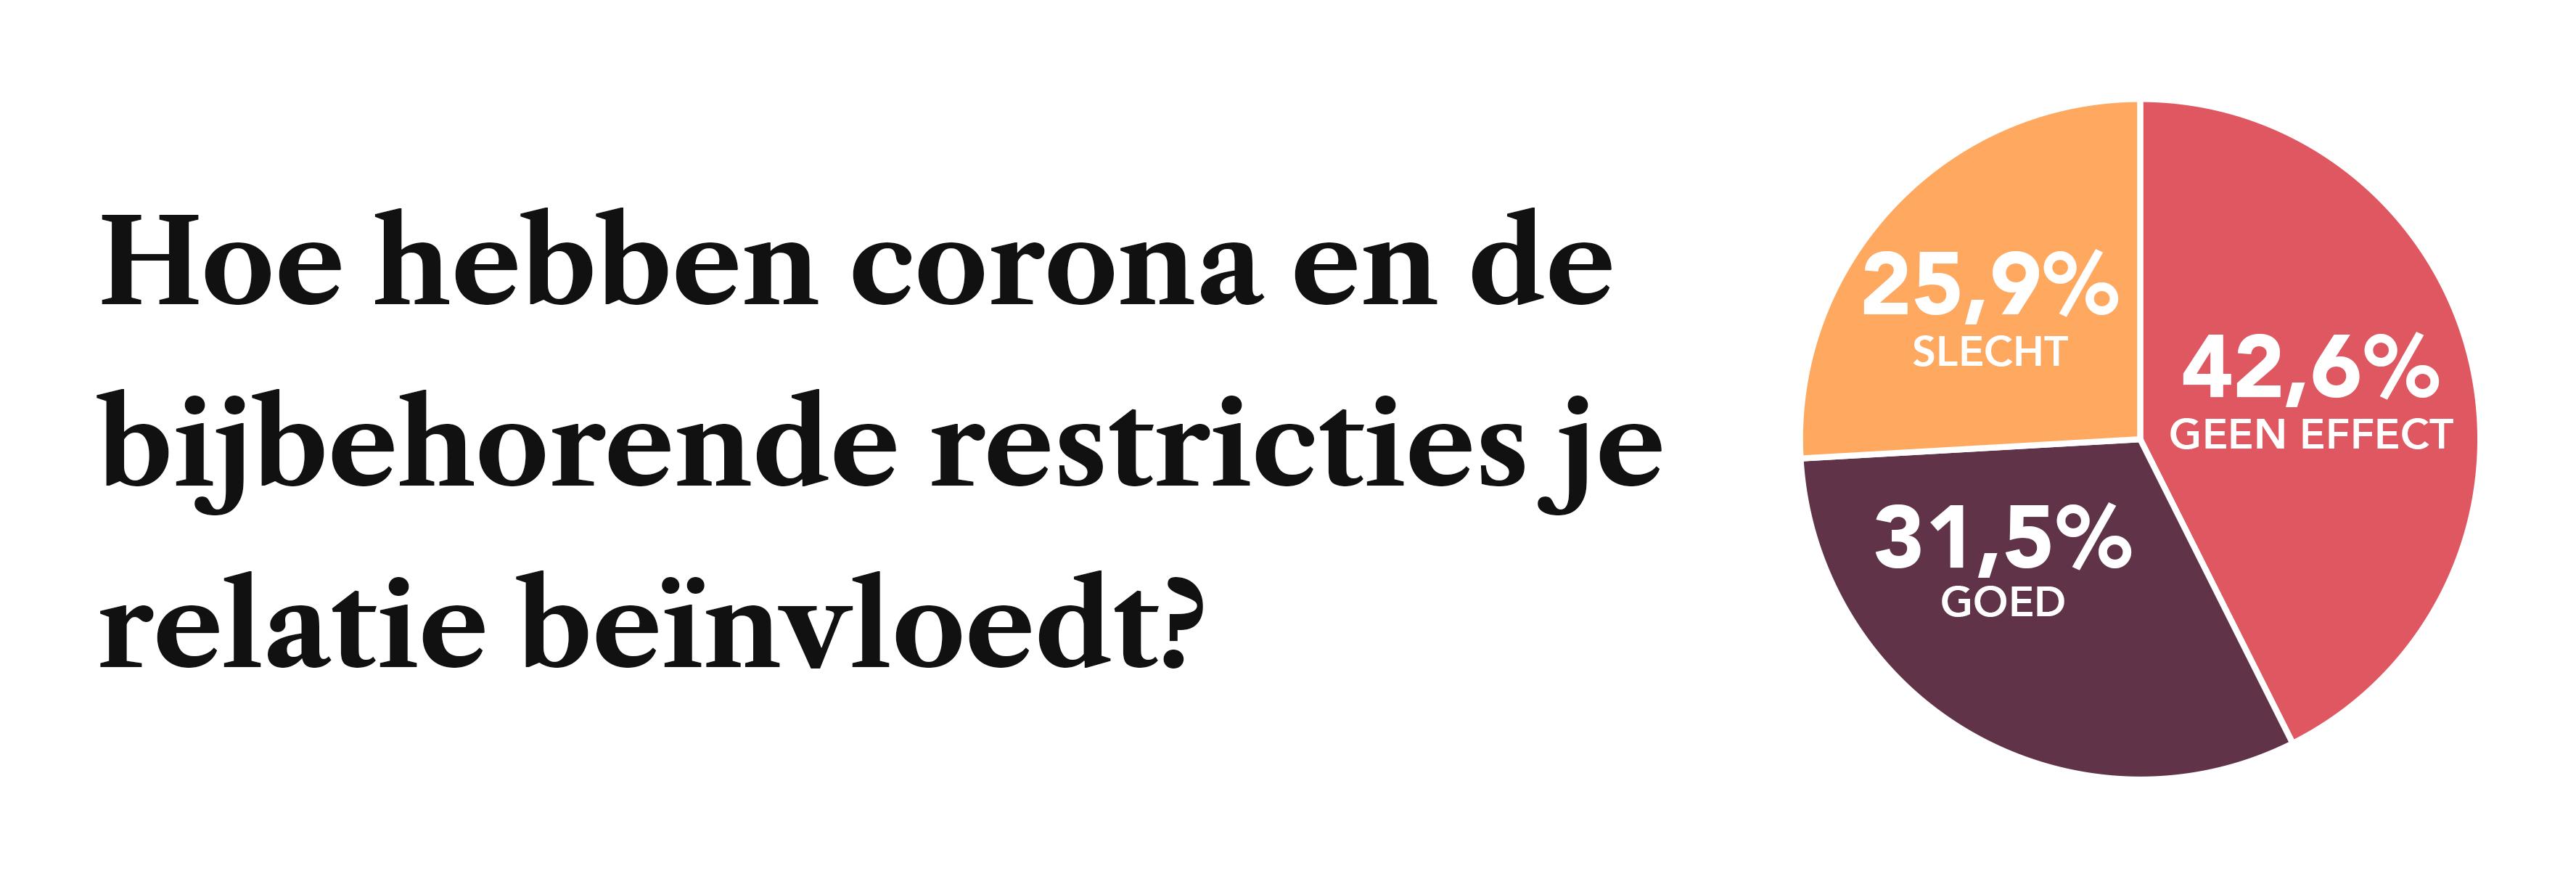 26% van de koppels geeft aan dat corona en lockdowns hun relatie slechter hebben gemaakt. 32% beter en 42% geen effect.